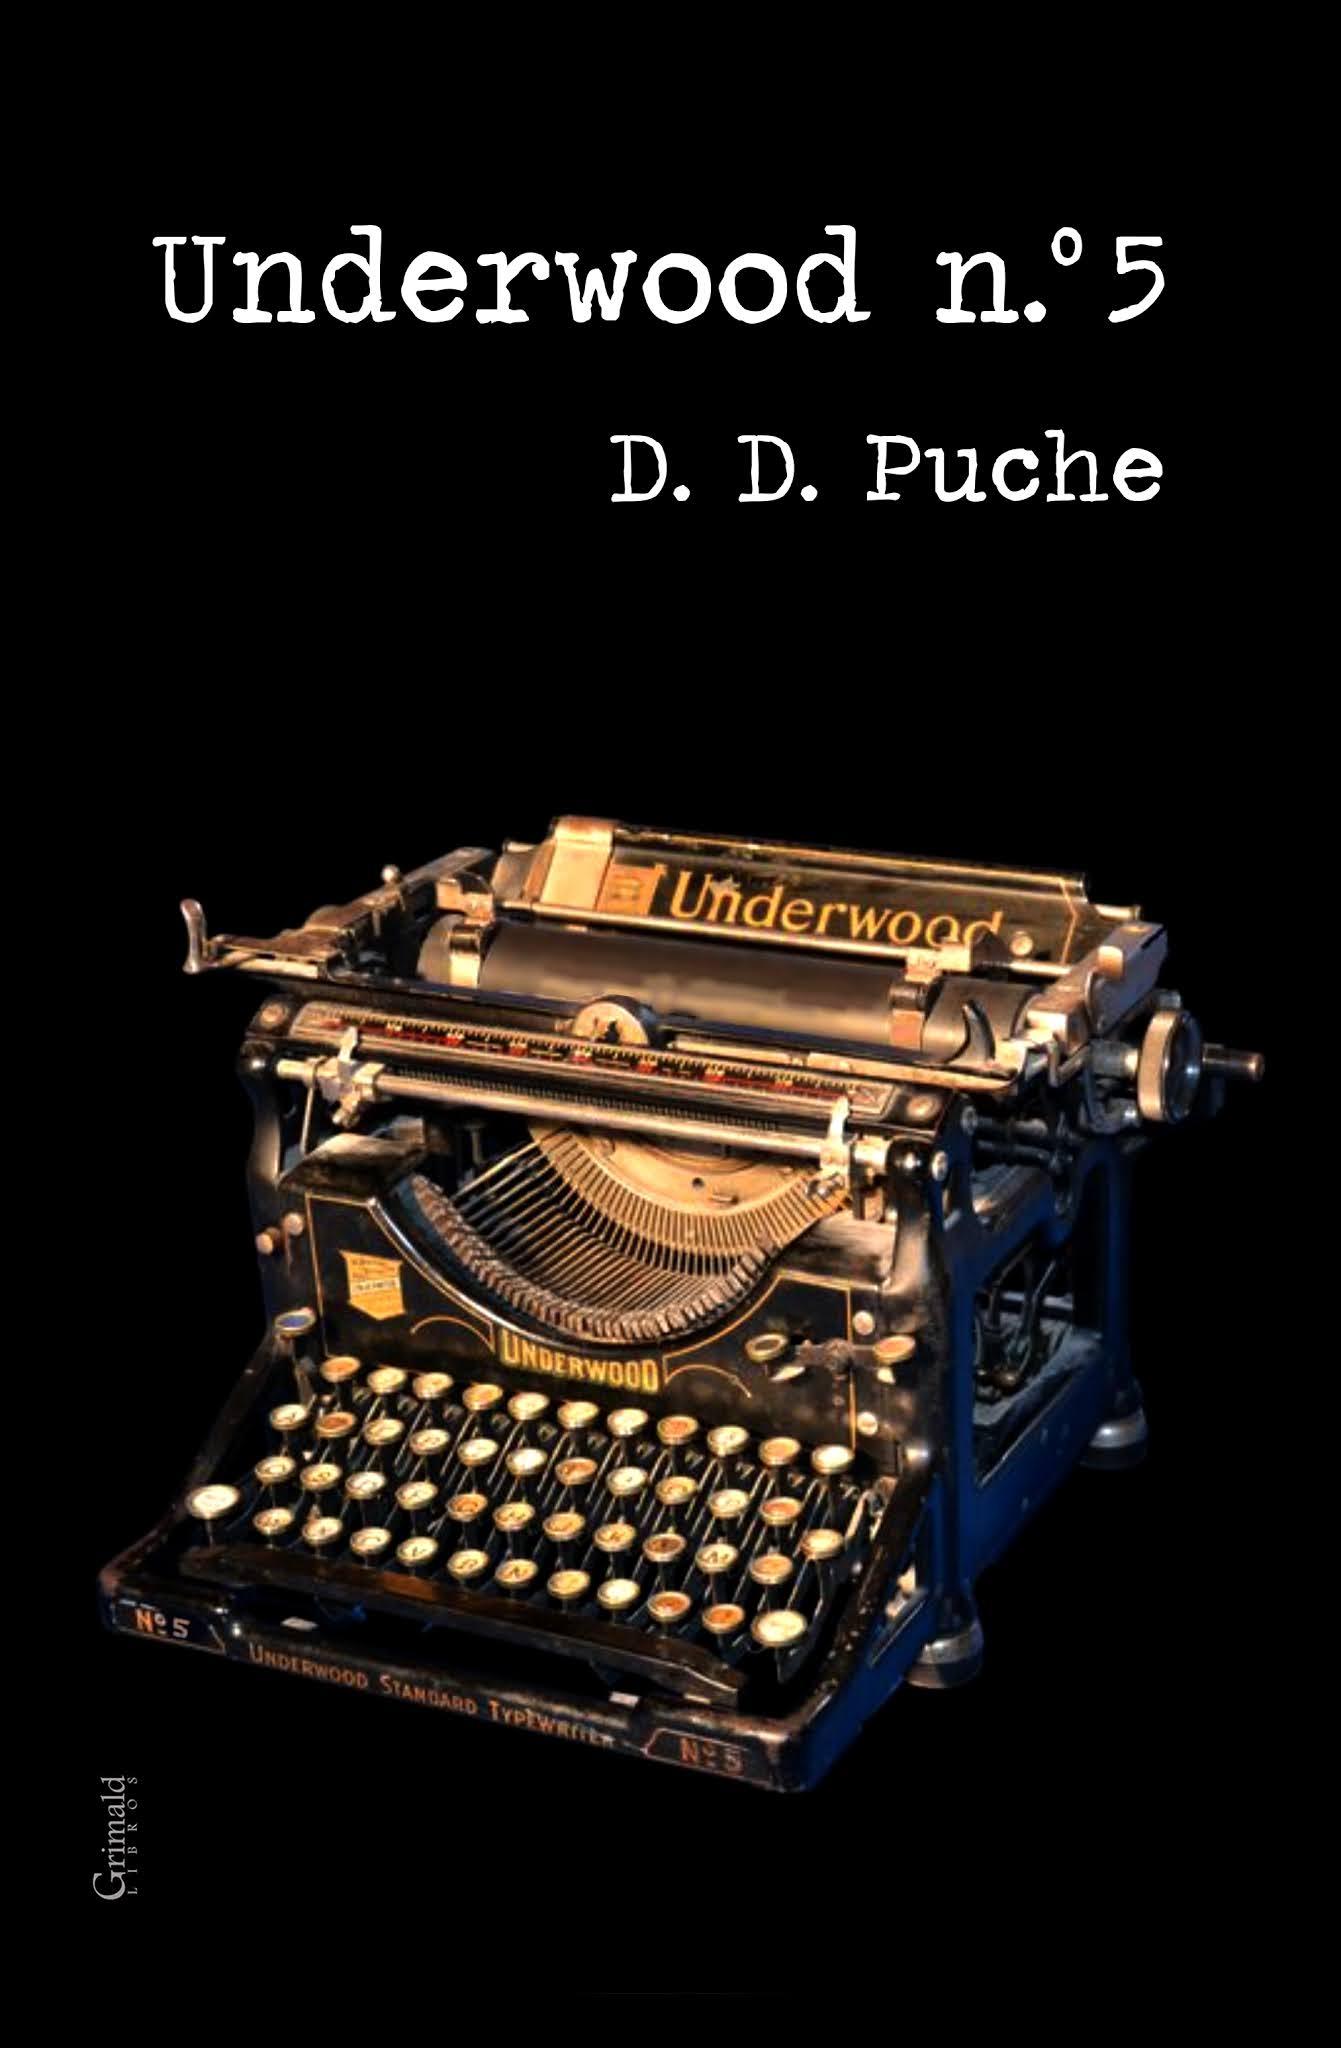 Underwood n.º 5 | Un libro de relatos de D. D. Puche.